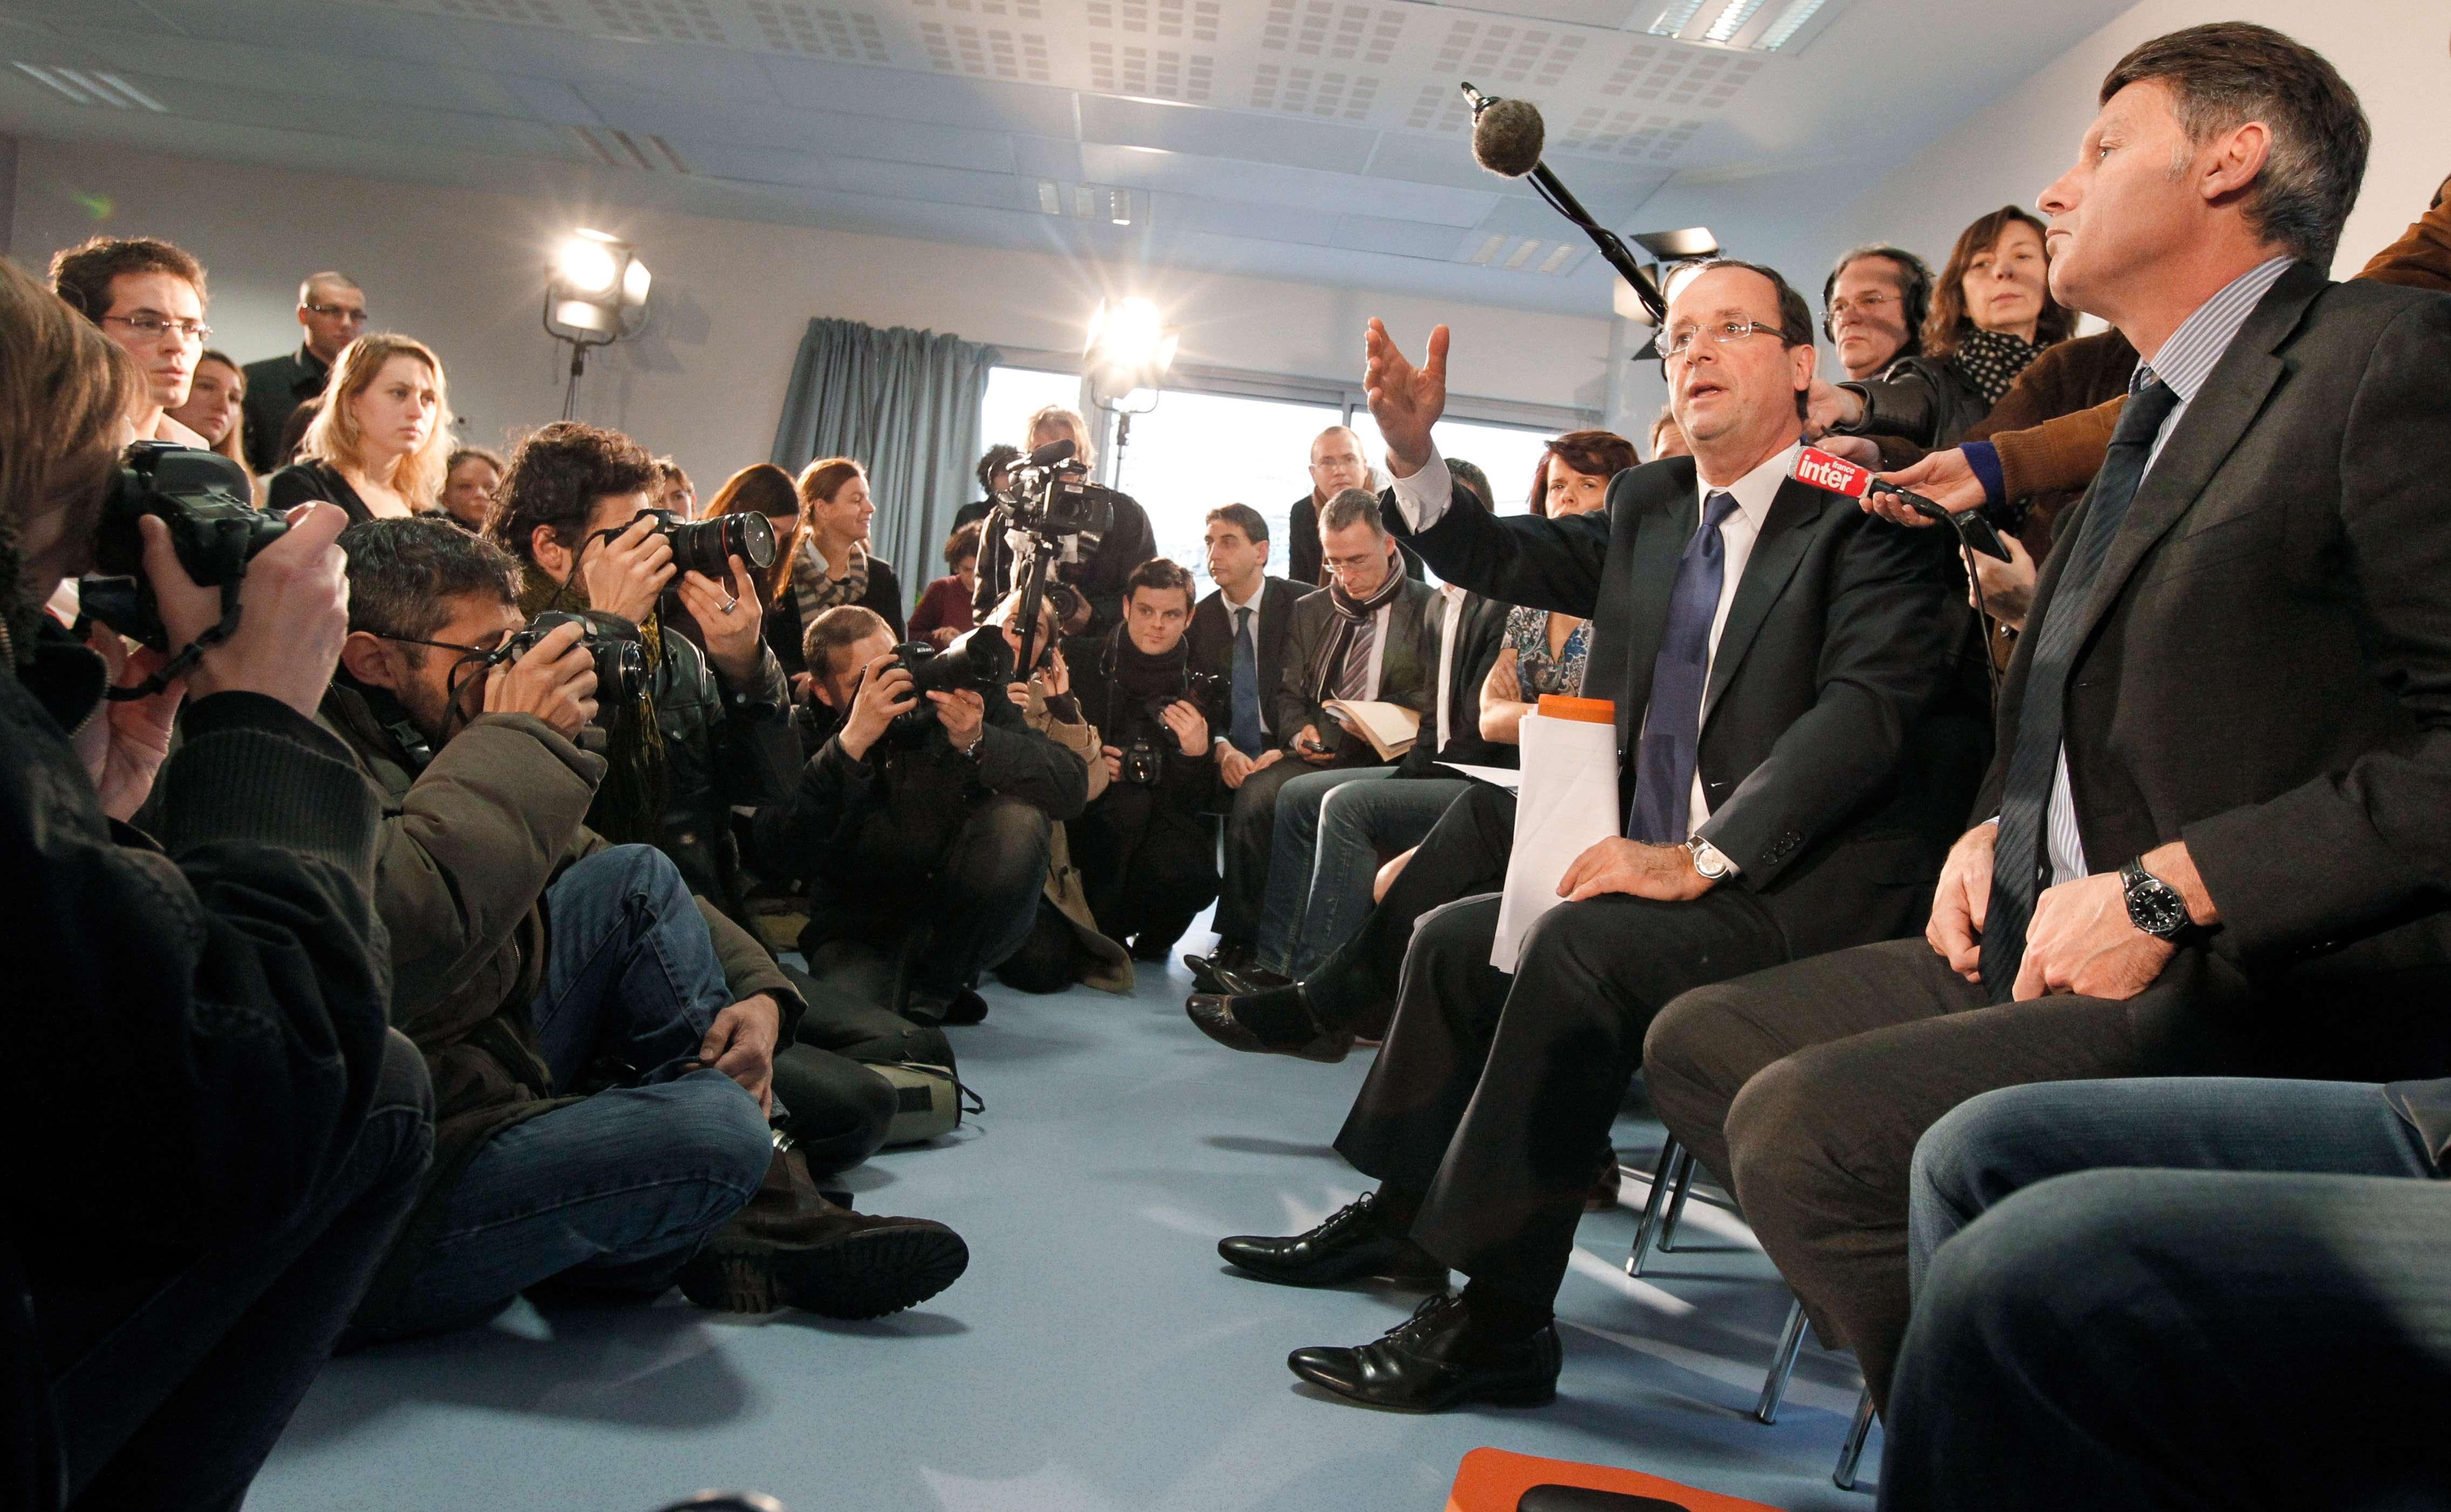 François Hollande (deuxième à droite) discute avec des enseignants stagiaires, lors d'un déplacement à Bondy, Seine-Saint-Denis. TRICK KOVARIK /AFP